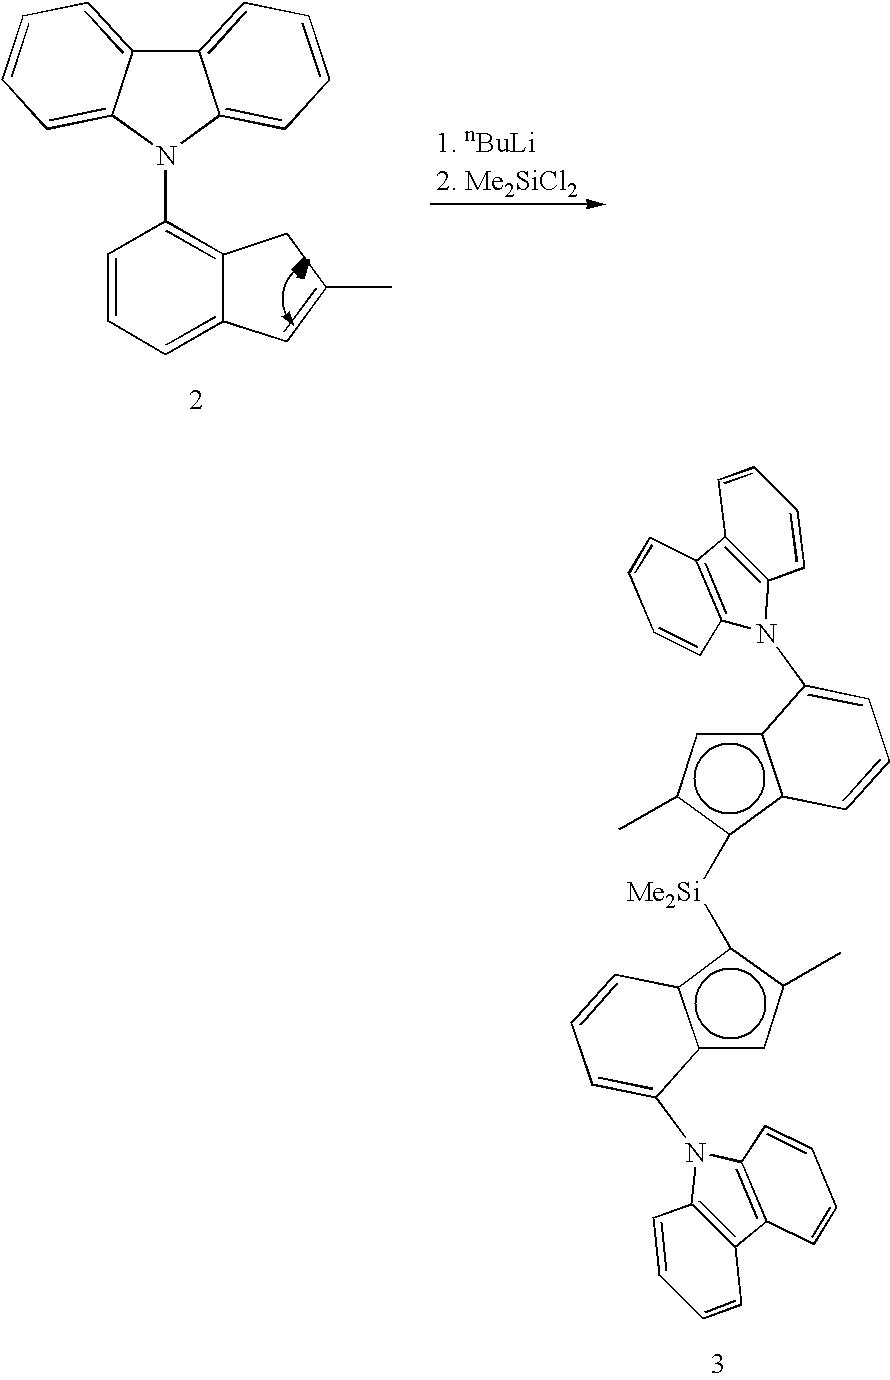 Figure US20090186995A1-20090723-C00006